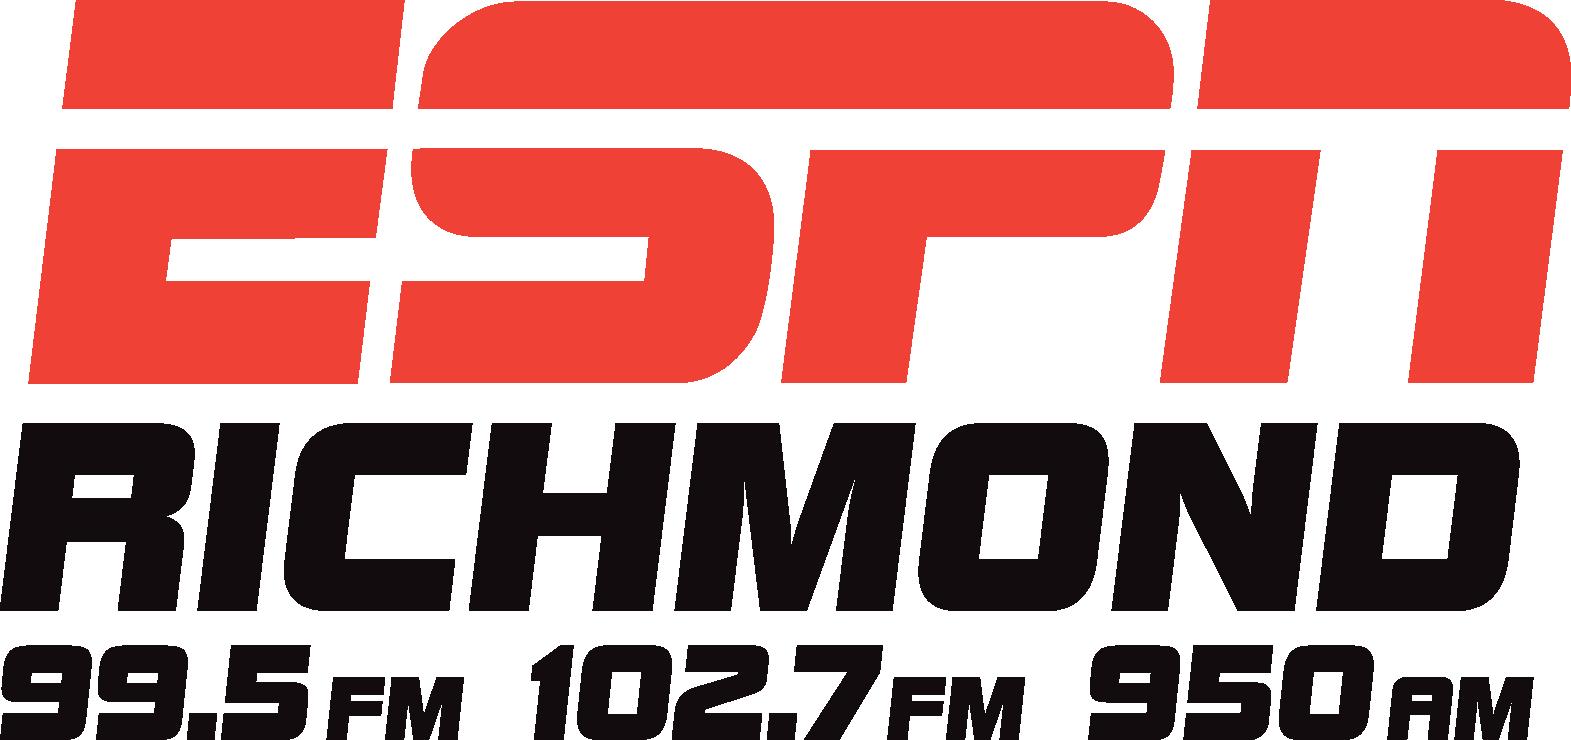 ESPN_Radio_Richmond_99_5_102_7_950_CLR_Pos.png